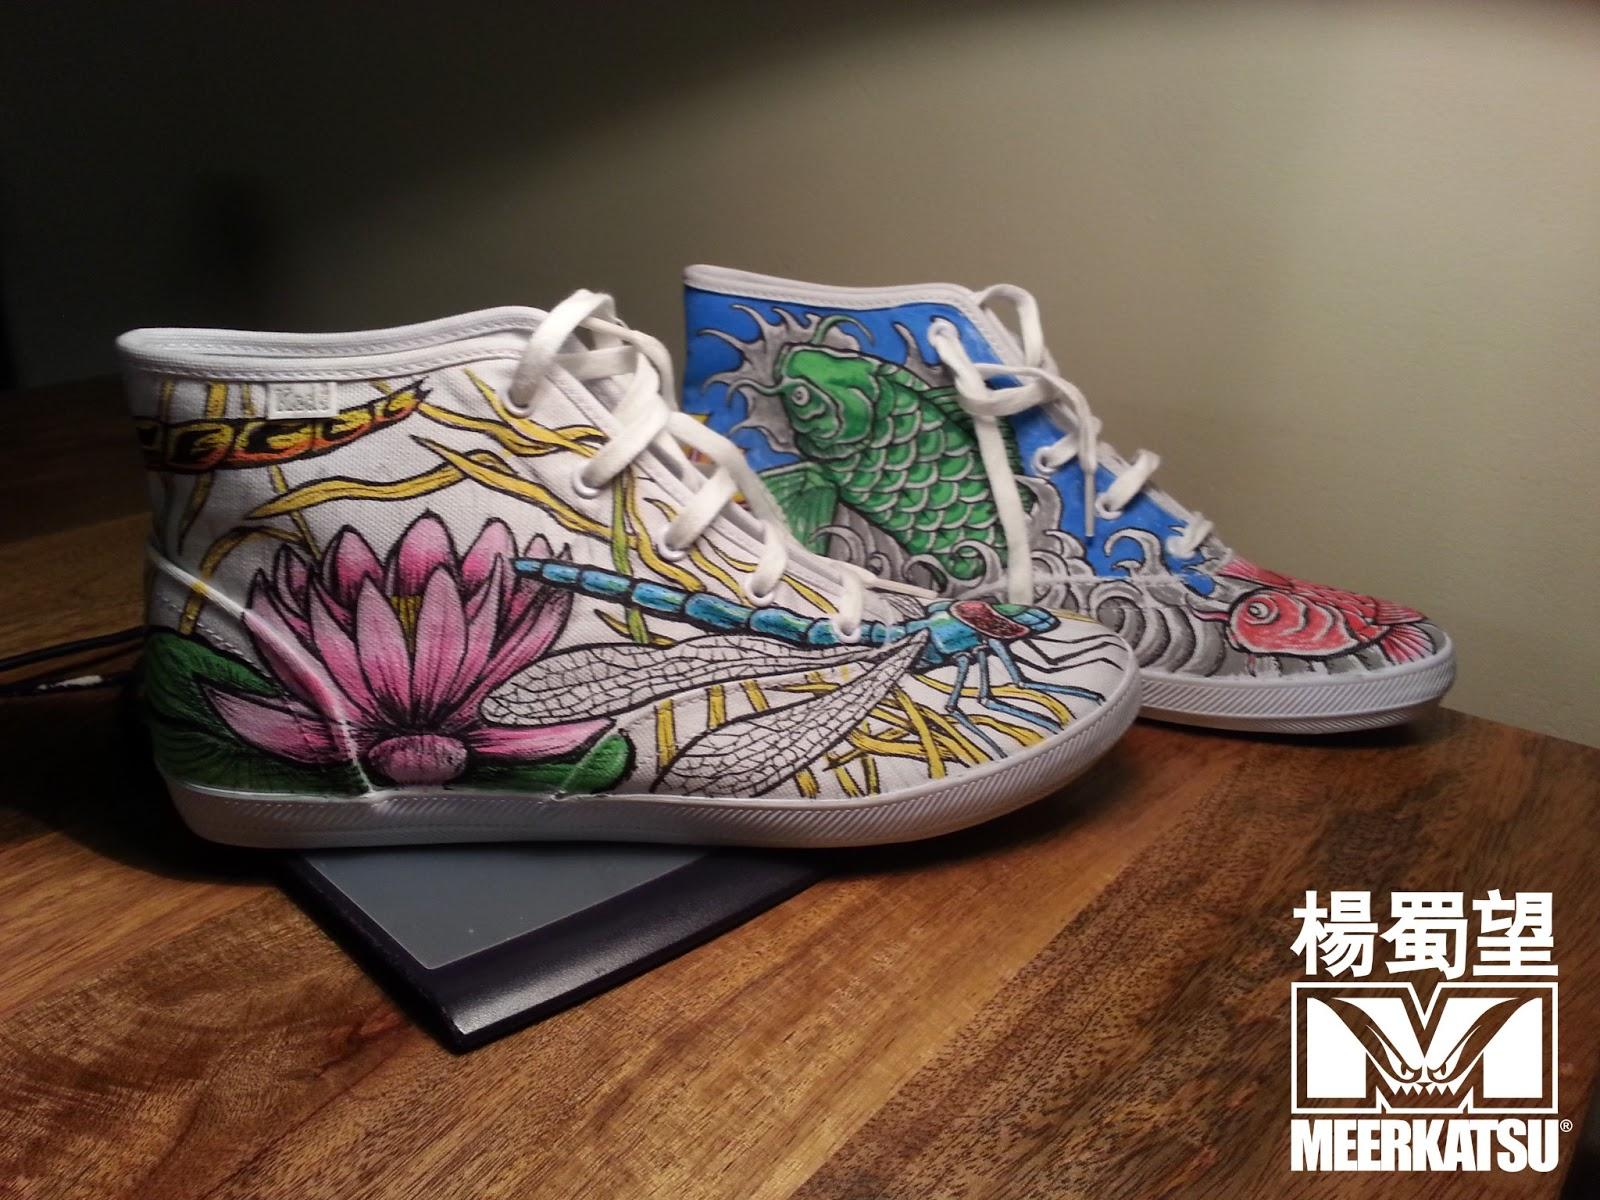 Drawn shoe japanese #3